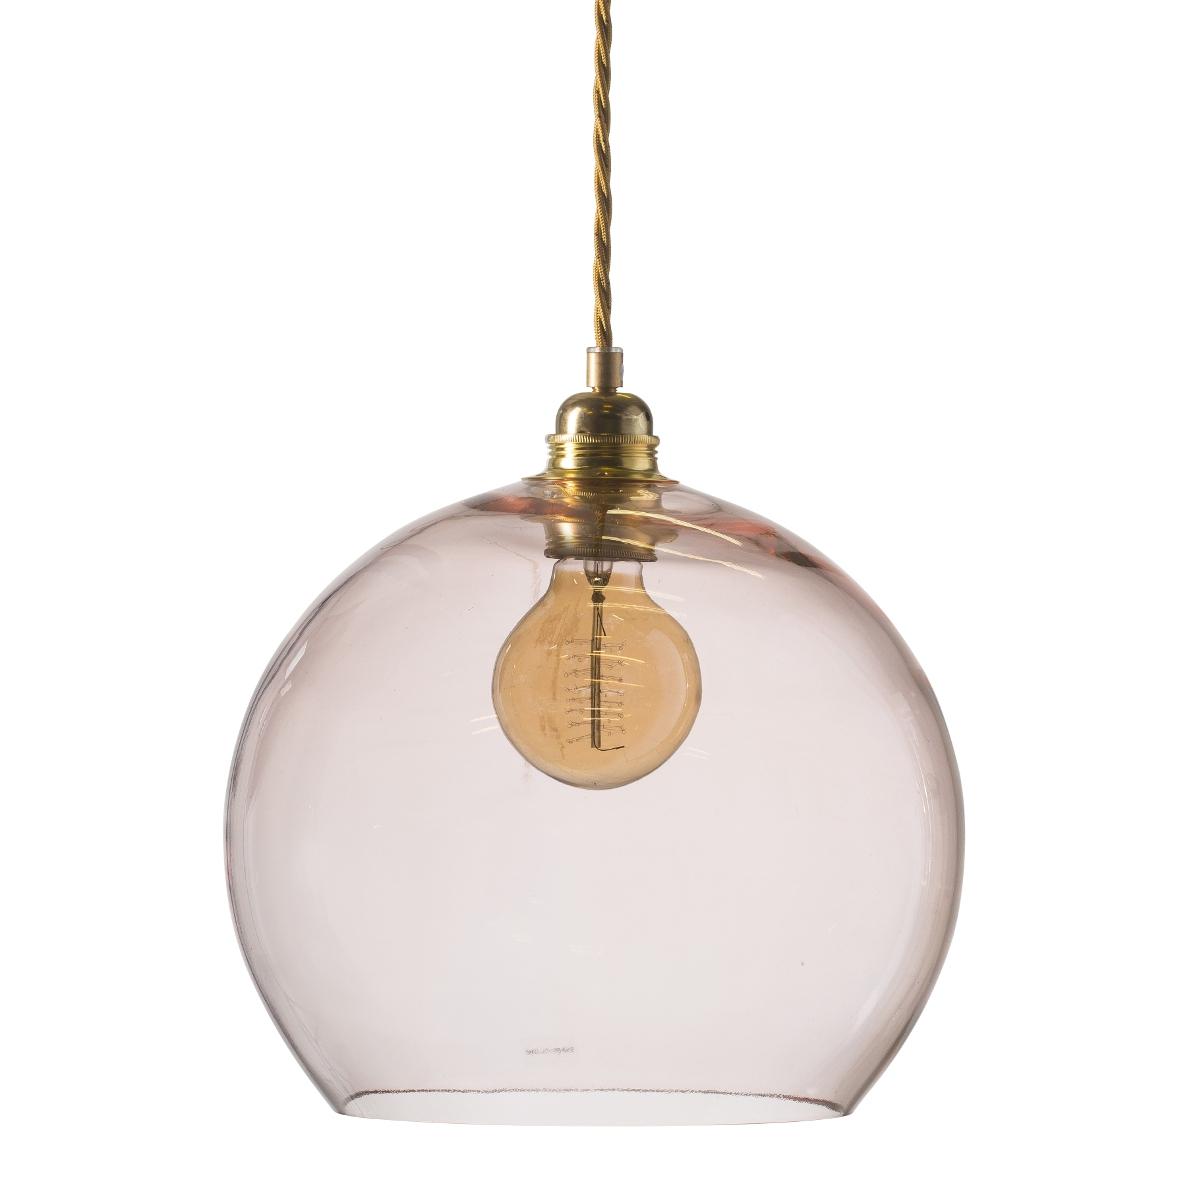 gro e und elegante kugelf rmige pendelleuchte aus farbigem glas. Black Bedroom Furniture Sets. Home Design Ideas